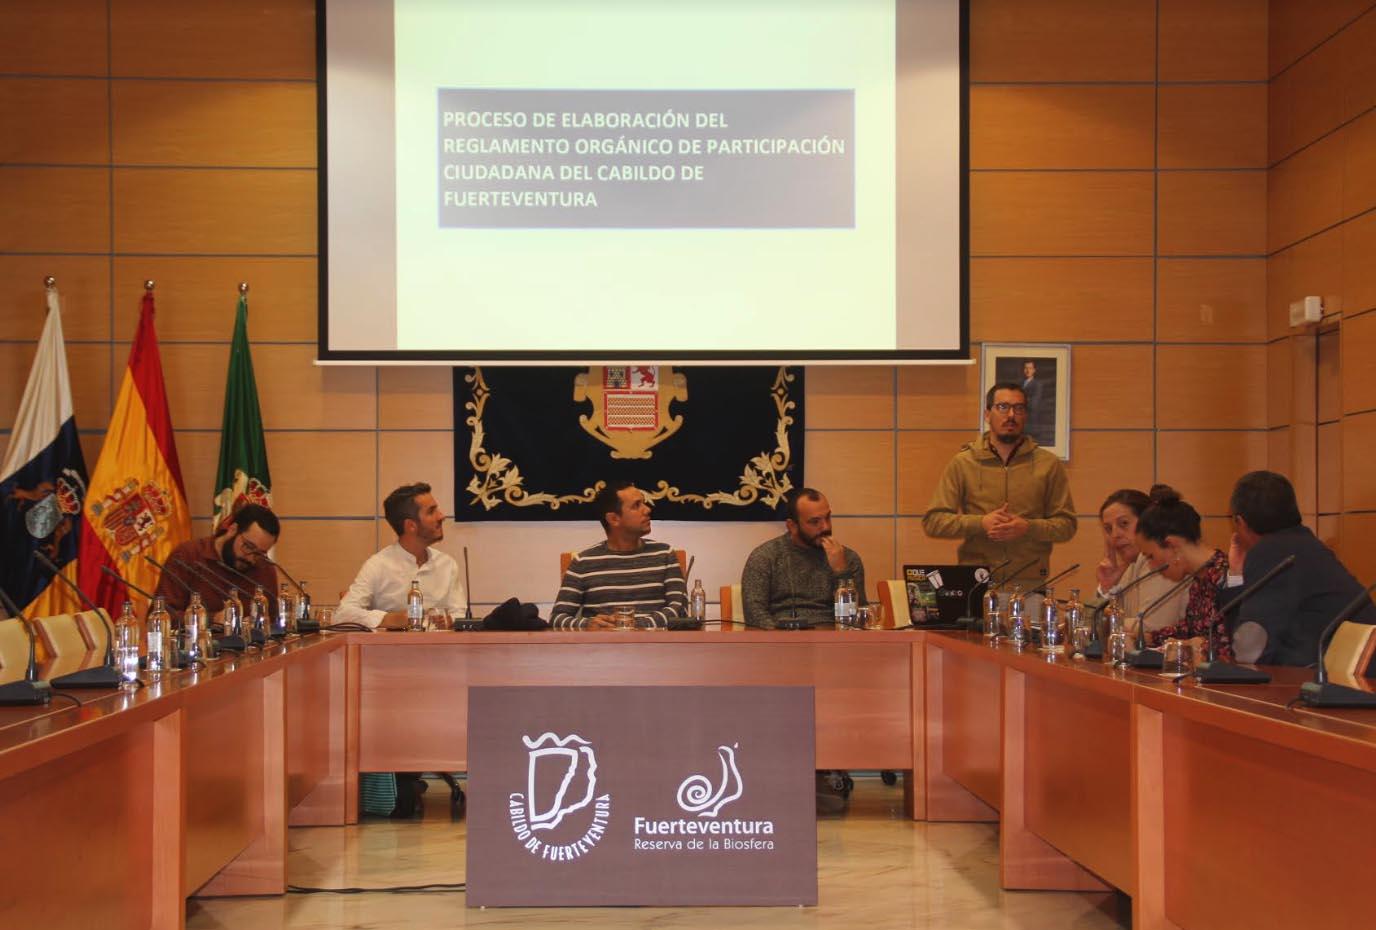 Fuerteventura recoge propuestas para la elaboración del Reglamento Orgánico de Participación Ciudadana